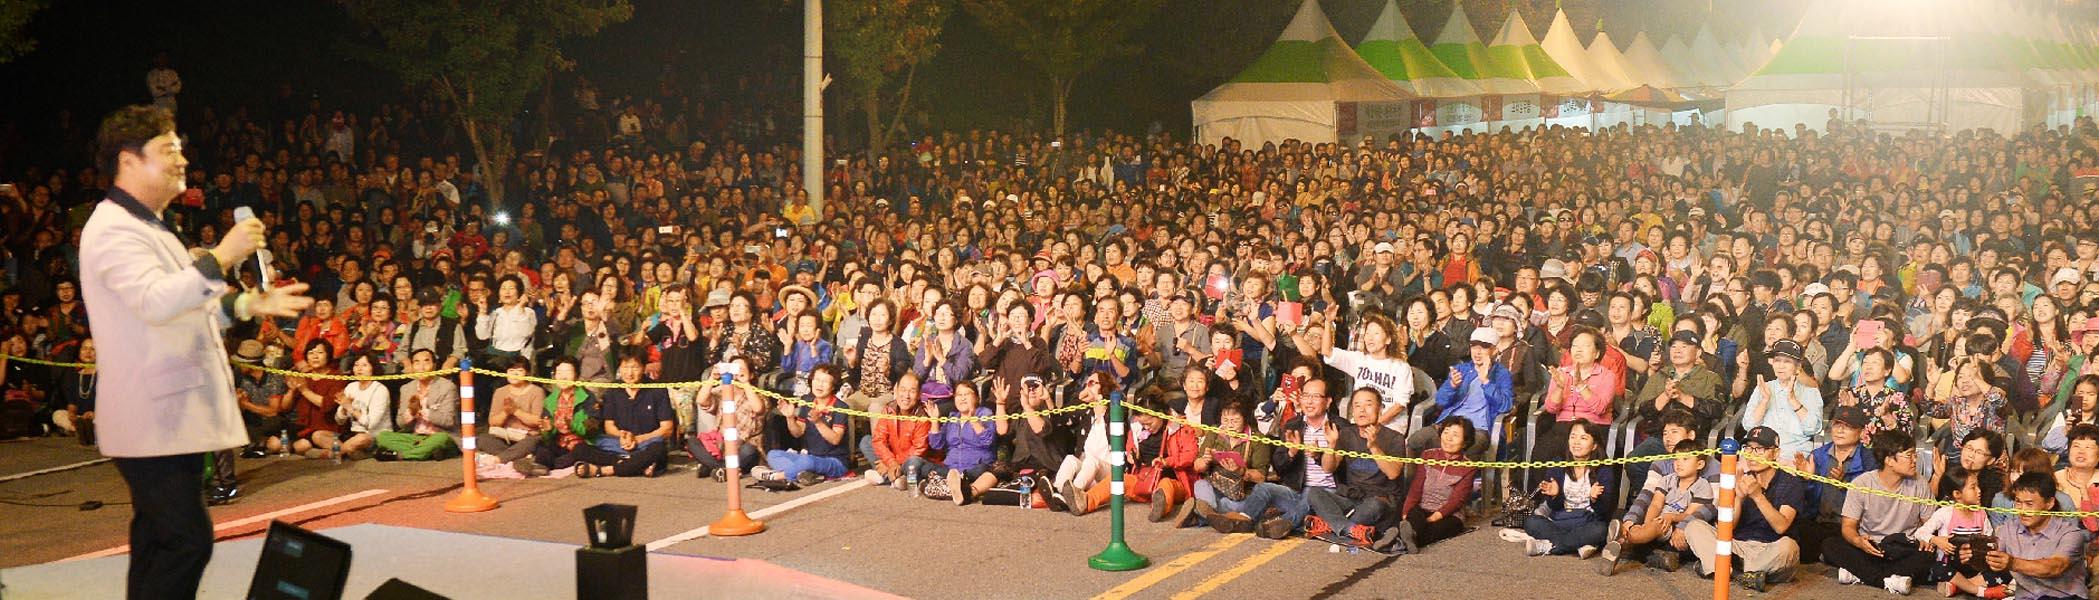 아줌마대축제 전국 최고 축제로 명성 재확인